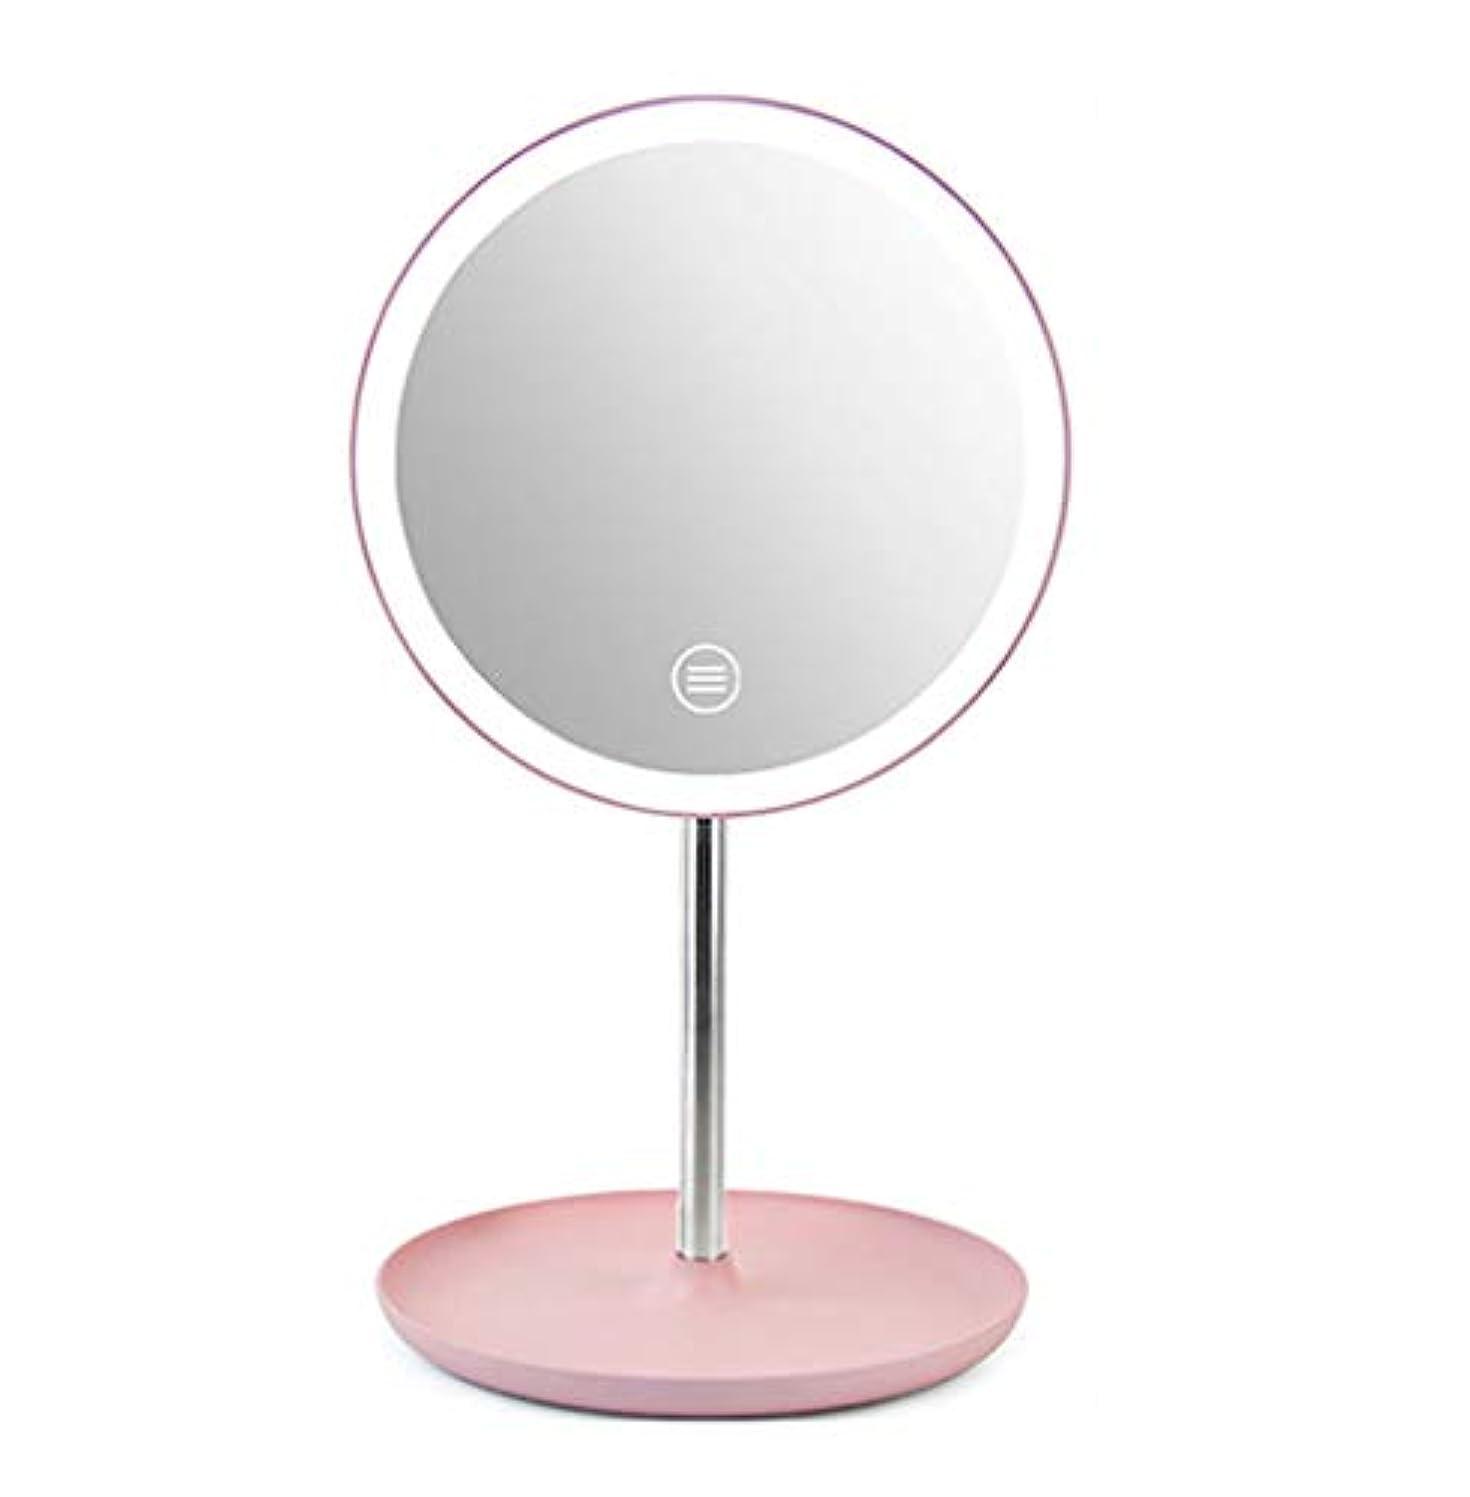 ローラーマラウイ強打LED化粧鏡コンパクト、スタンド付き化粧鏡LEDライト付き照明付きバニティミラー調光可能なタッチスクリーン卓上化粧鏡180°回転USB充電